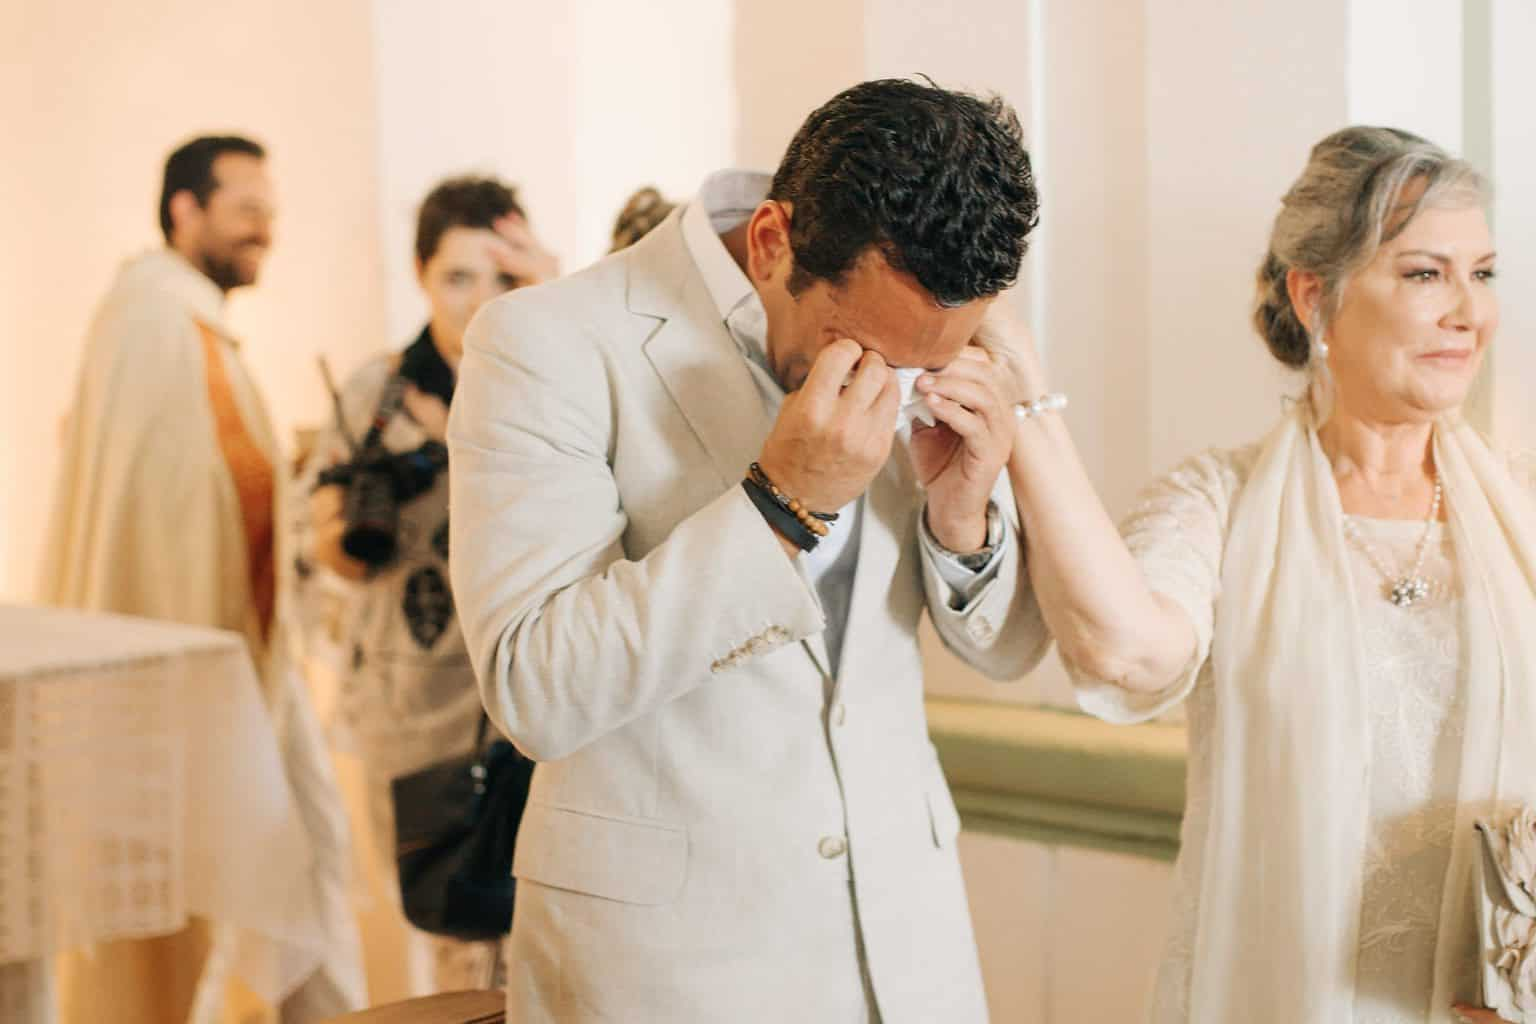 casamento-Danielle-e-Guilherme-aloha-fotografia-caseme-83